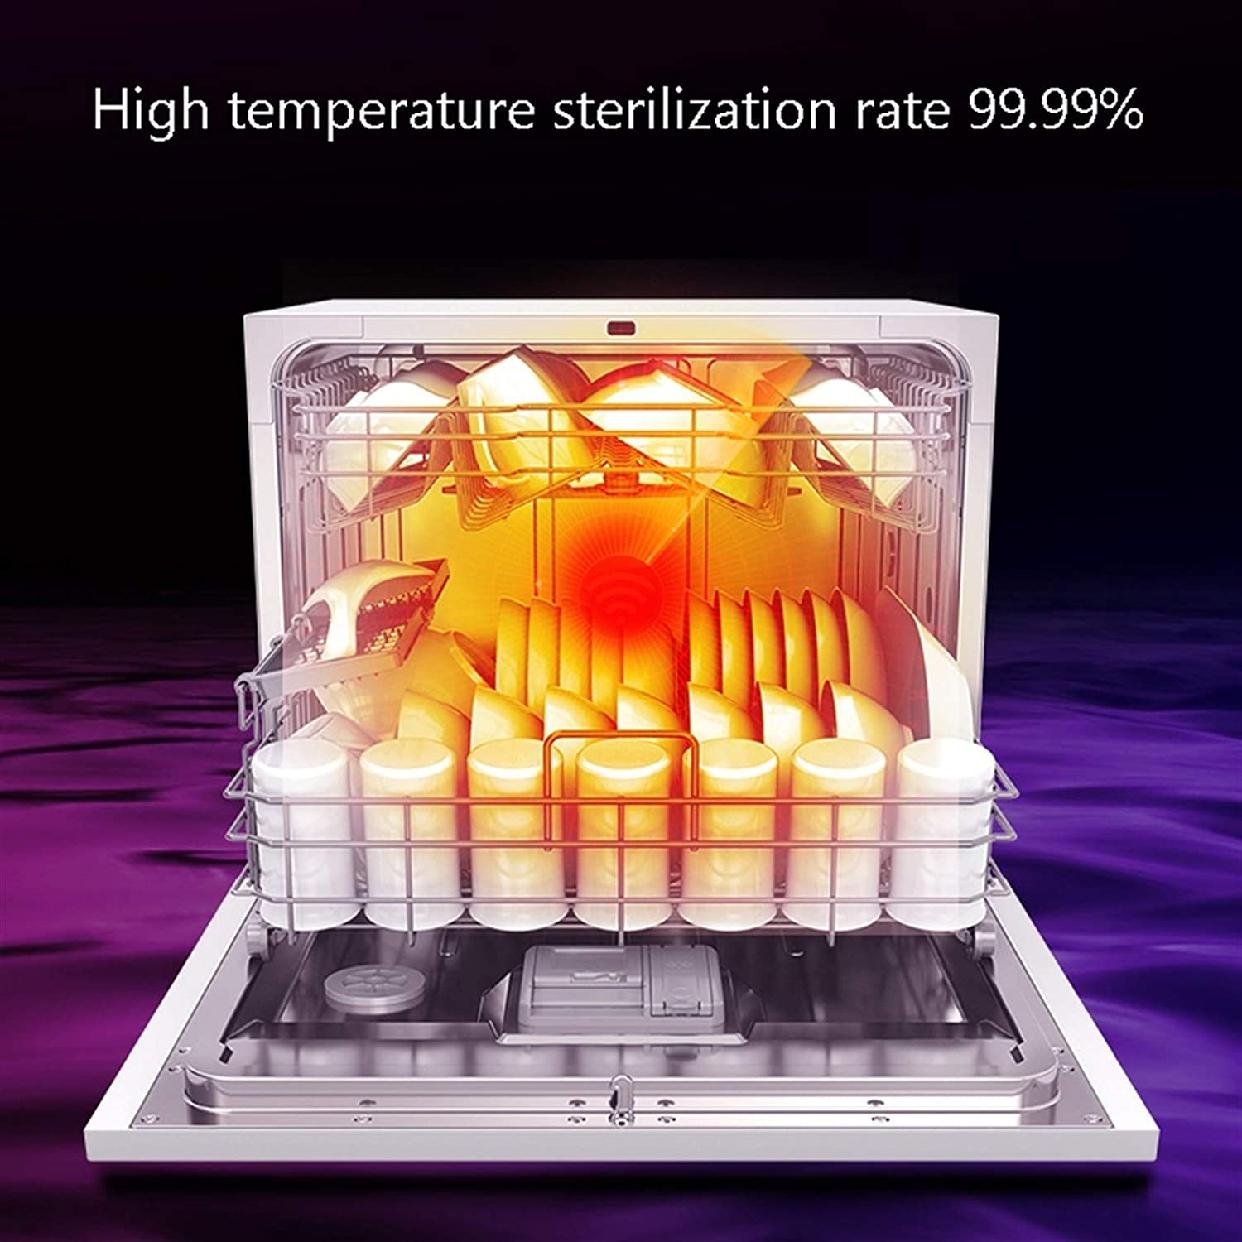 グオダシタンセン ビルトイン食器洗い乾燥機 ホワイトの商品画像5